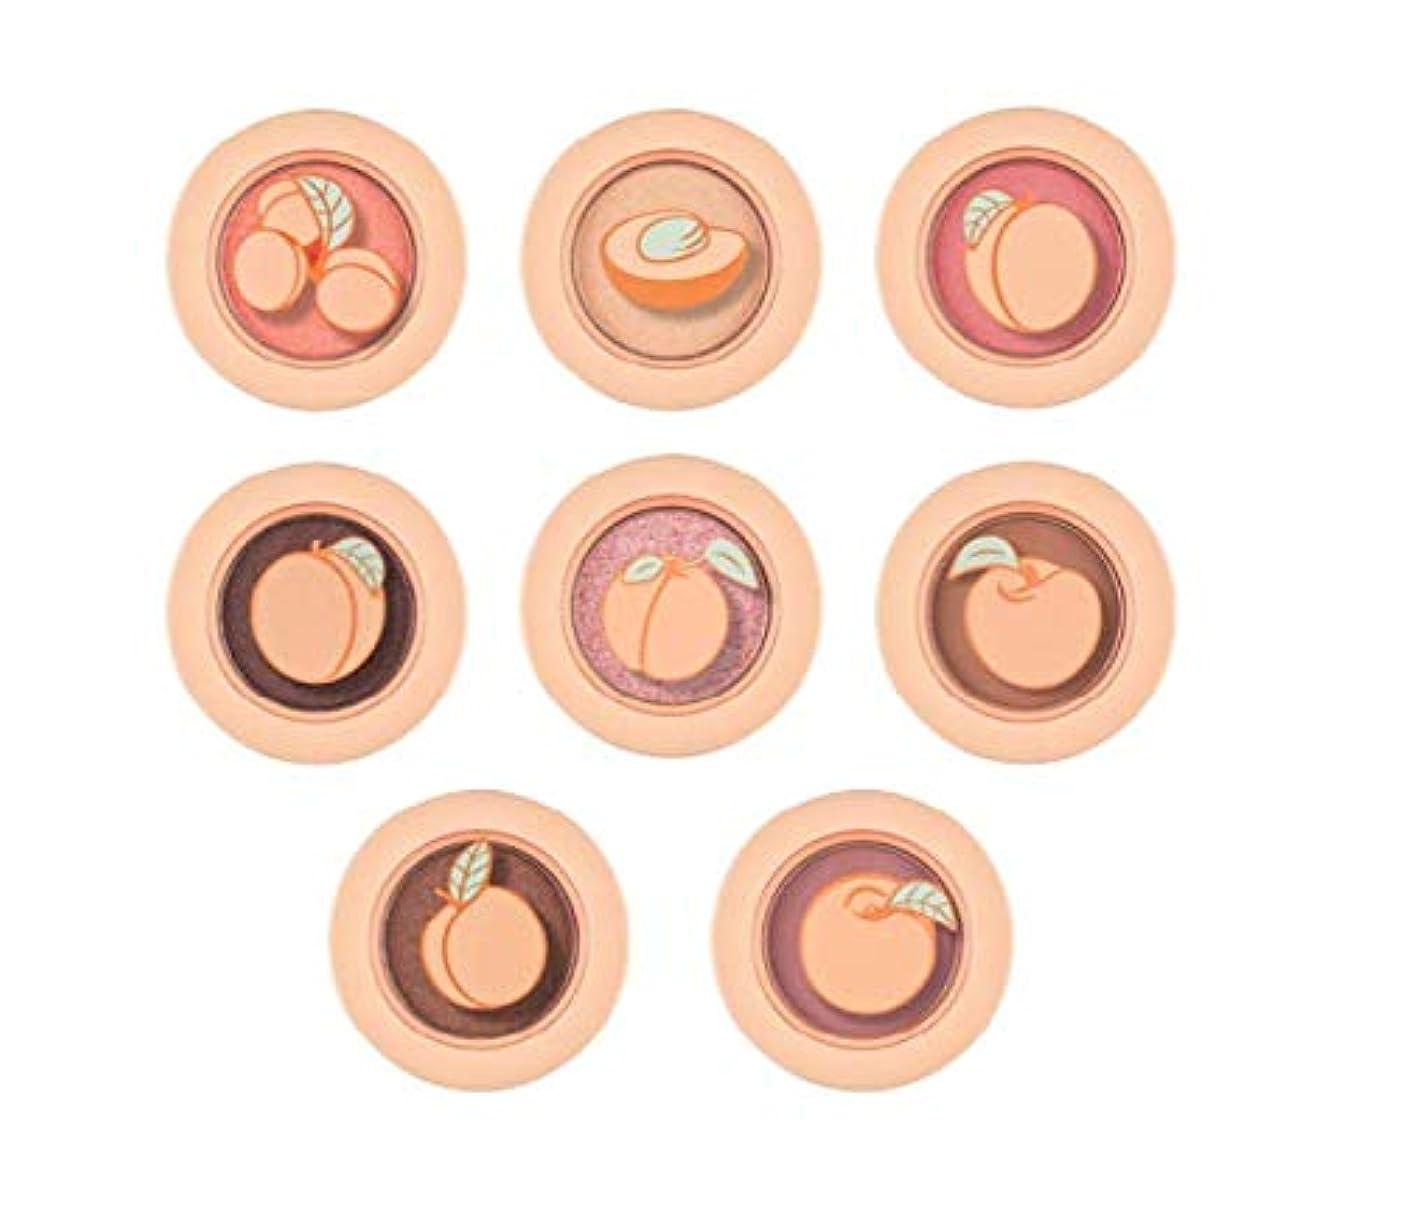 成分リスト掃く【アリタウム.aritaum](公式)モノアイズアプリコットコレクション/mono eyes collection (G21)